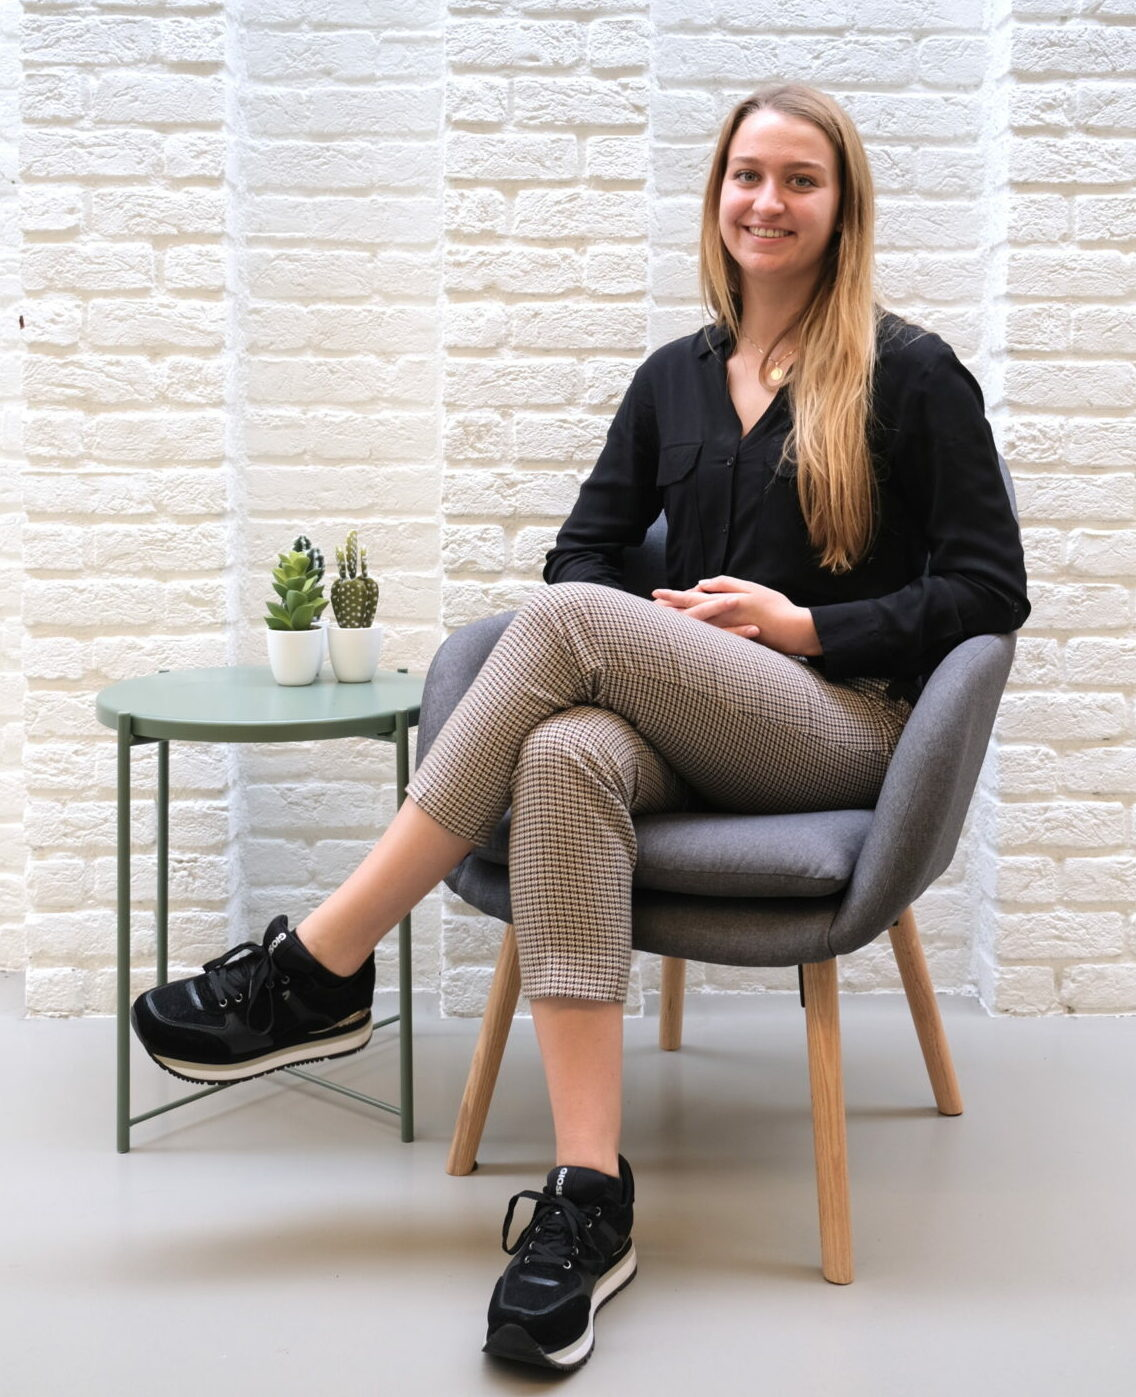 Kim Govaerts